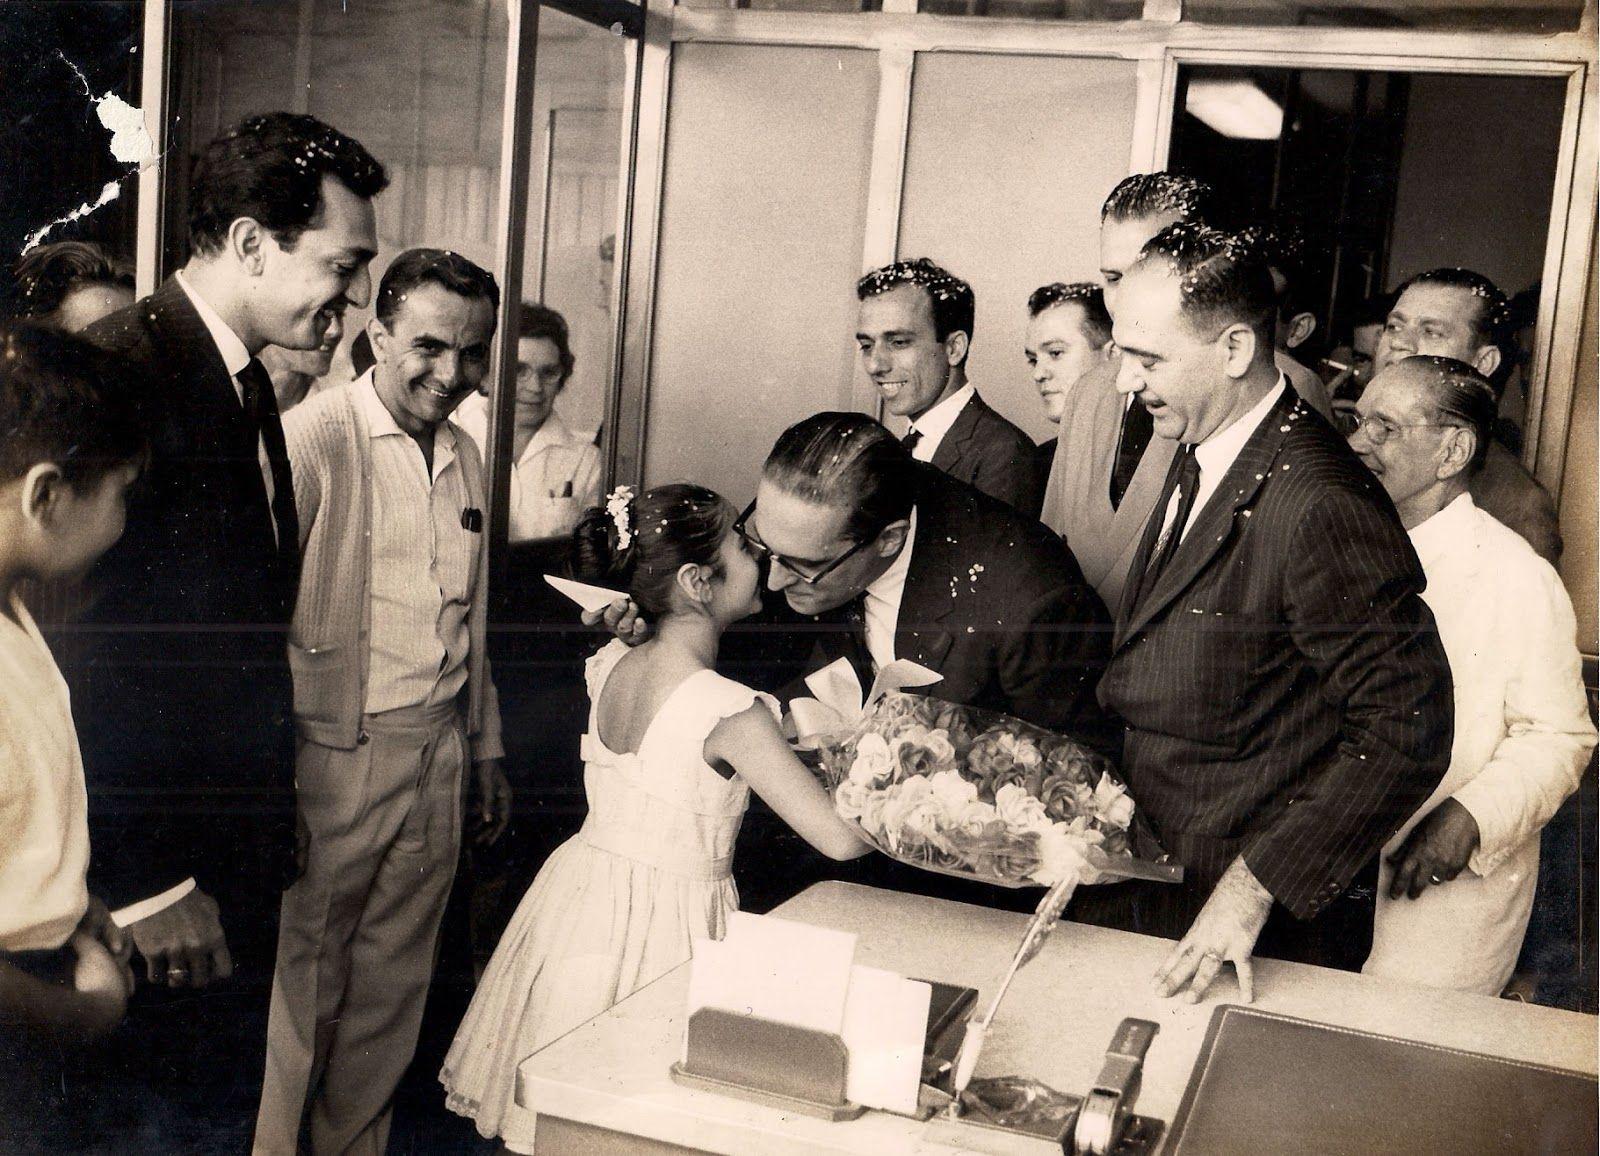 DEMETRIO-HABIB-02.jpg (1600×1156)Carlos Lacerda recebendo flores de Lilian Mary, filha de Demétrio Habib 05/out/1962 (Arquivo pessoal de Demétrio Habib)